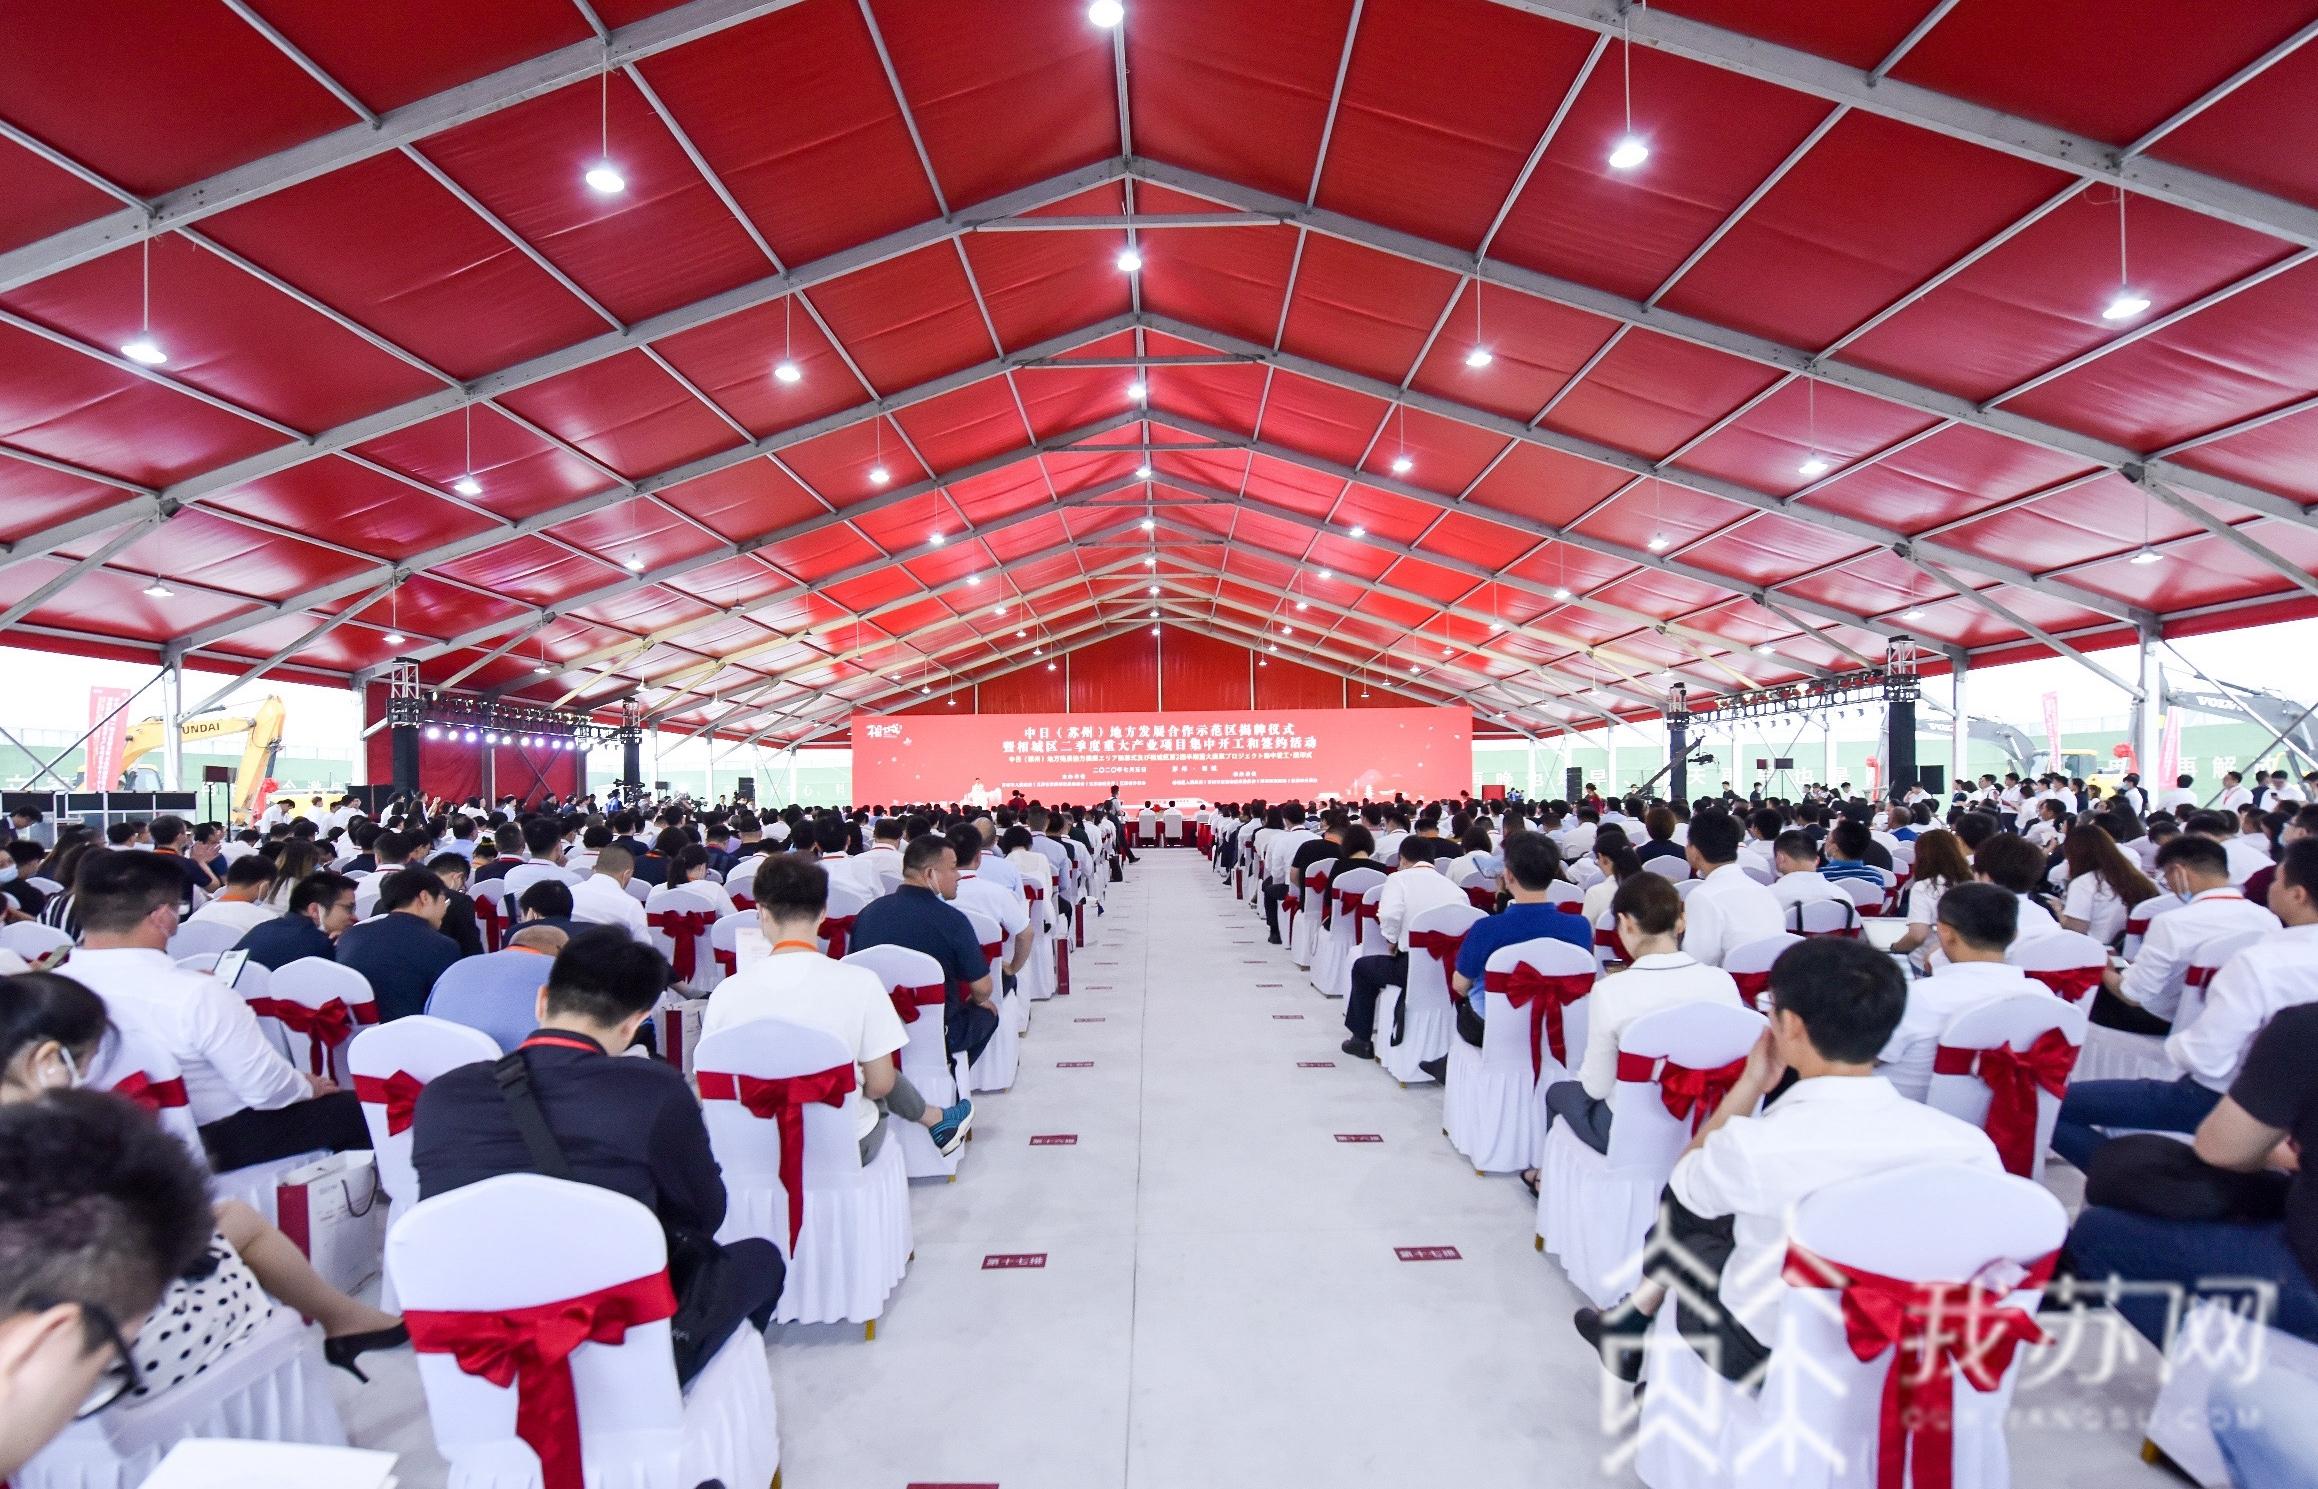 「苏州」中日(苏州)地方发展合作示范区揭牌 全国仅六家